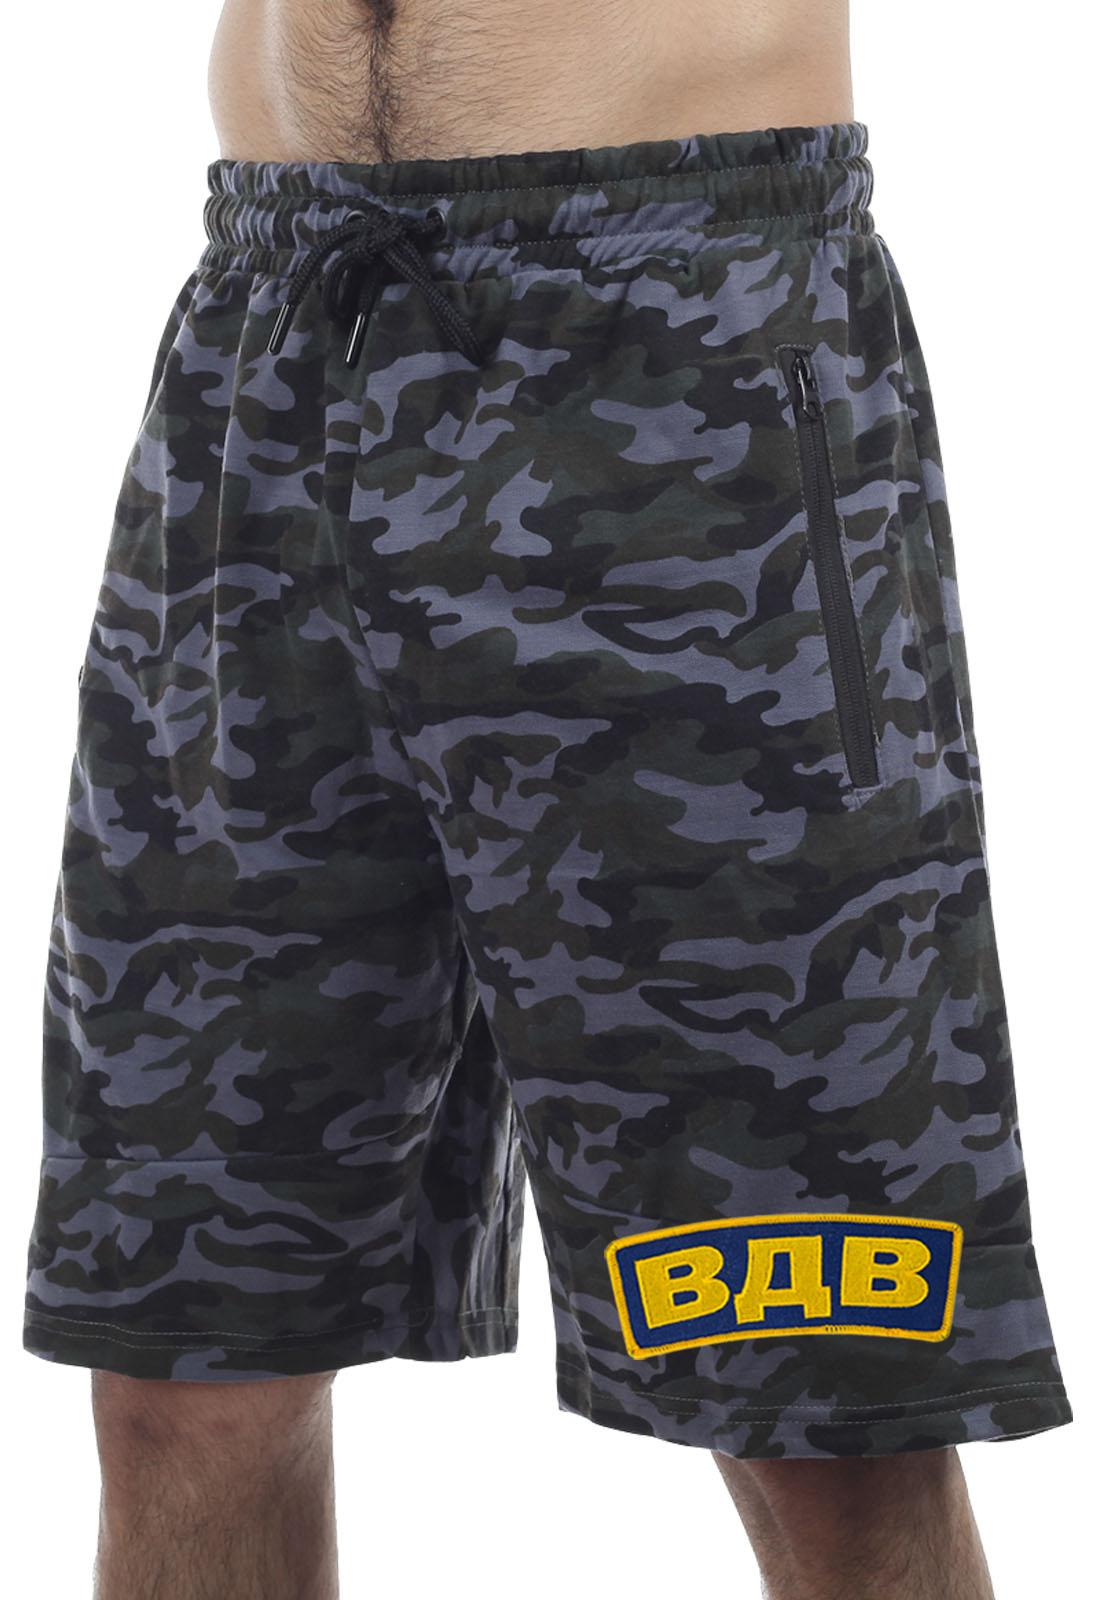 Милитари шорты для ВДВ – много другой мужской одежды смотри в каталоге Военпро